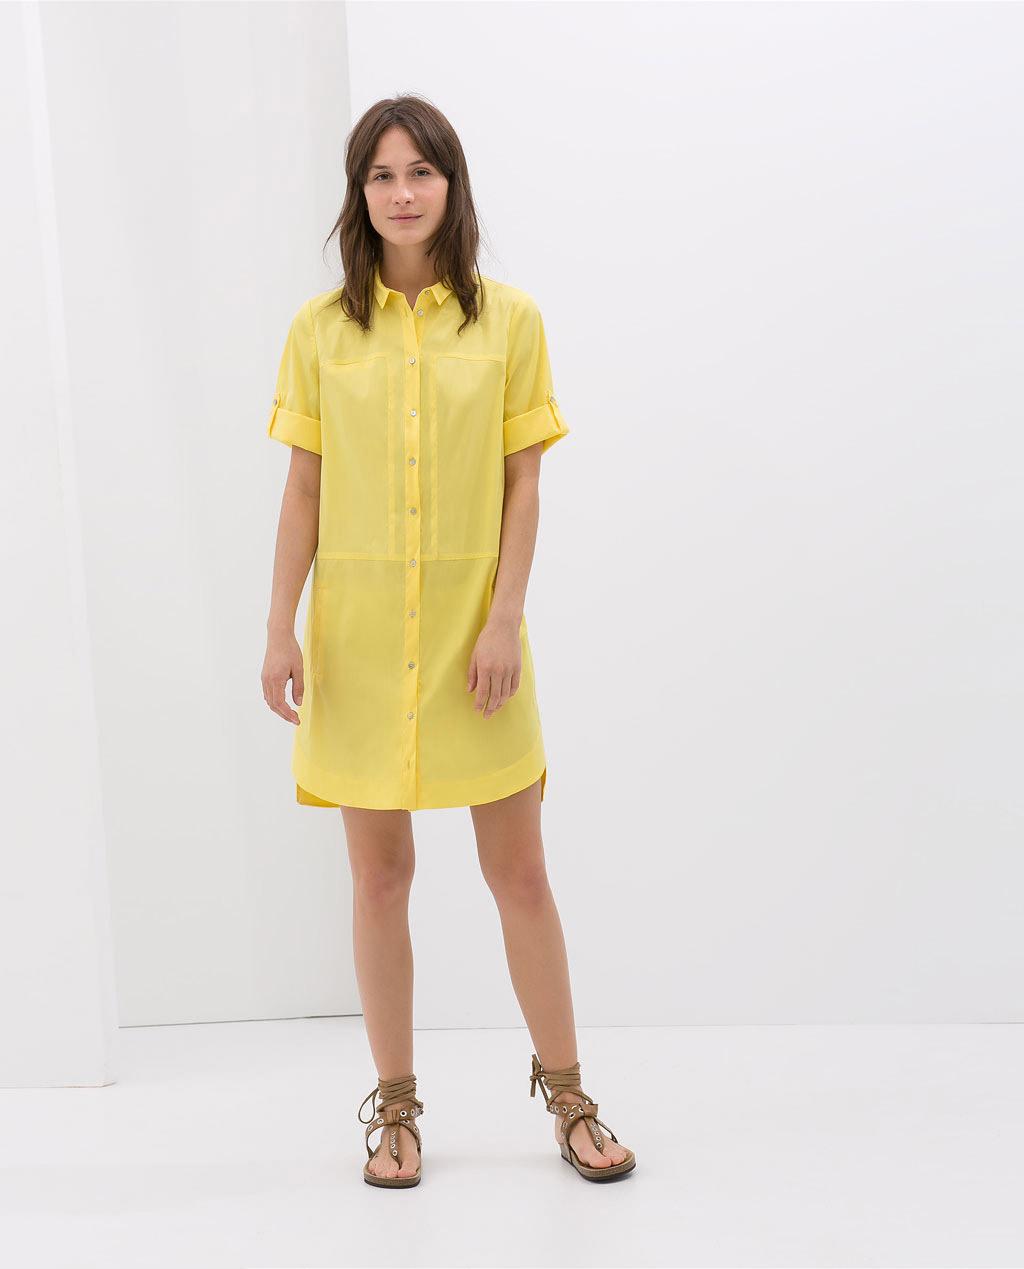 Zara - Robe chemise (29,99 €)